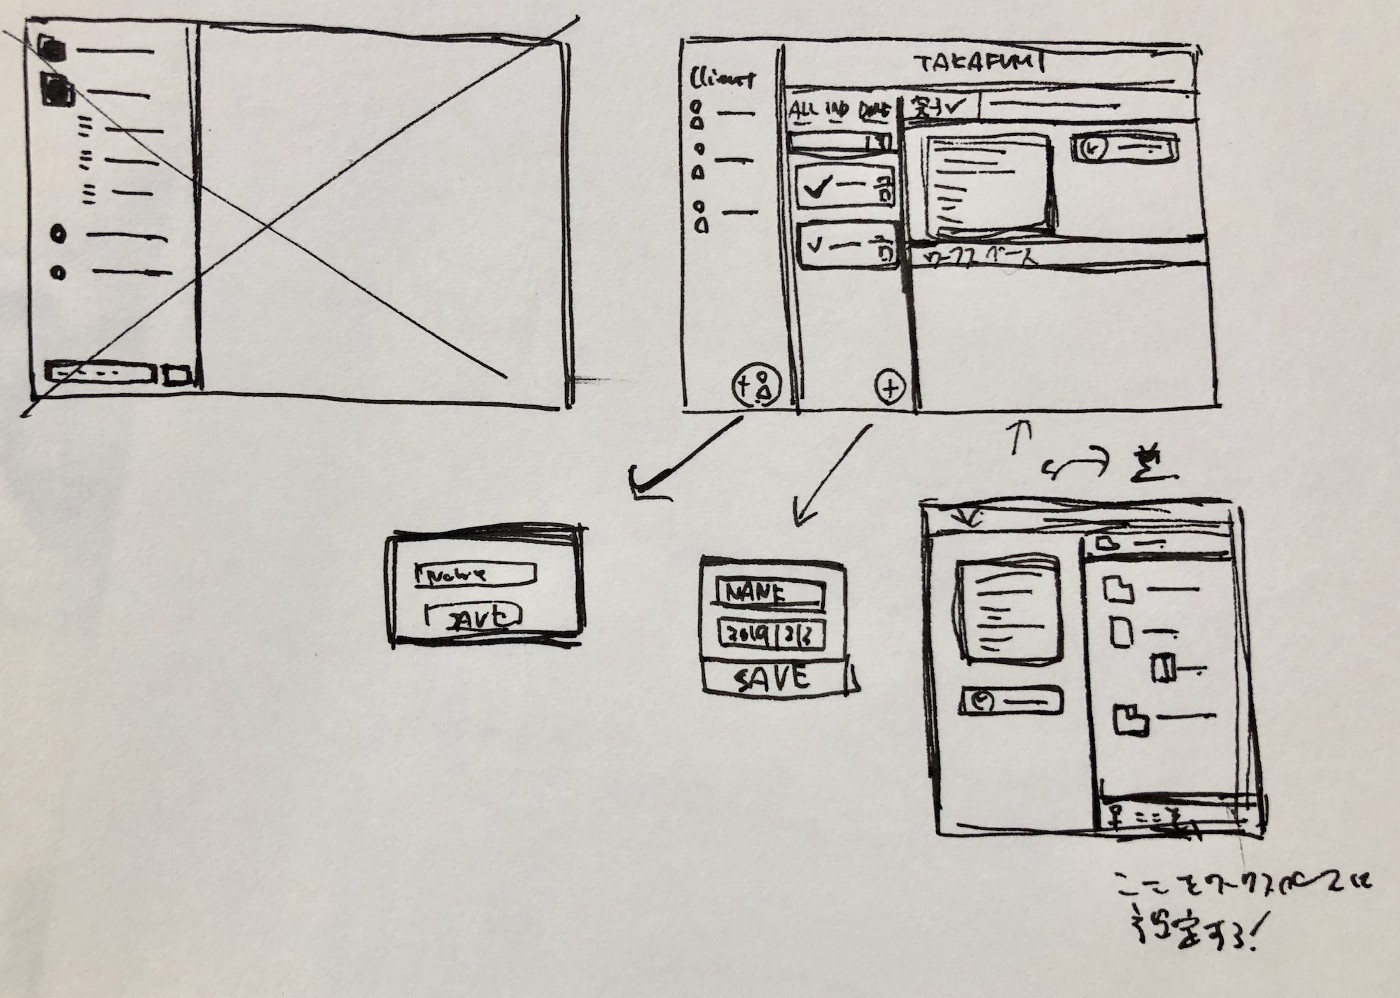 DesignBoxのラフスケッチ。ここから形にするまで長い道のりでした。。。